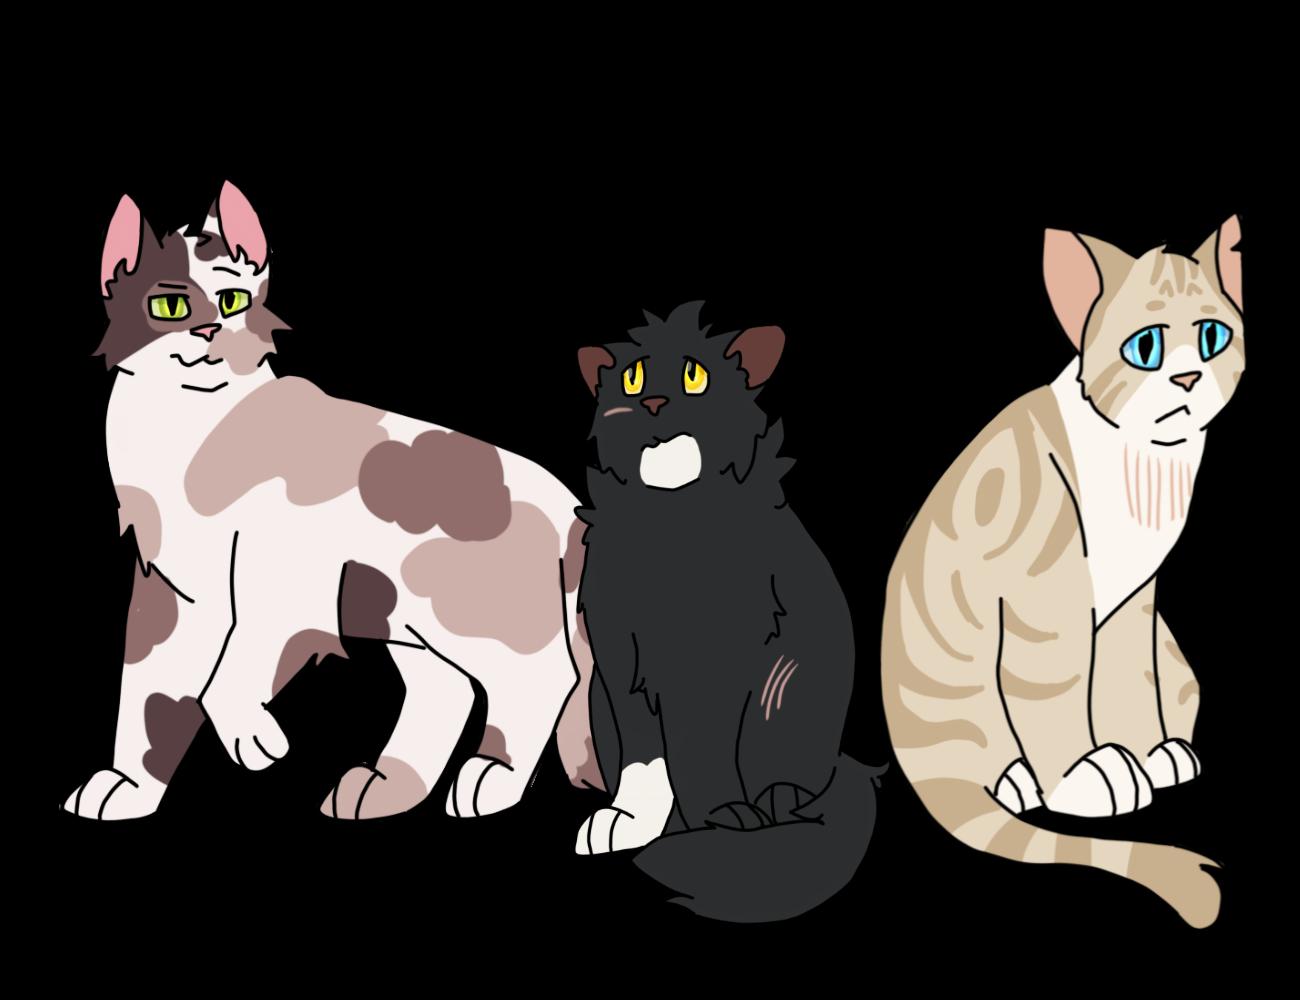 rhindon's cats Cb27664b-16a8-4e45-92cb-402ff673ae25